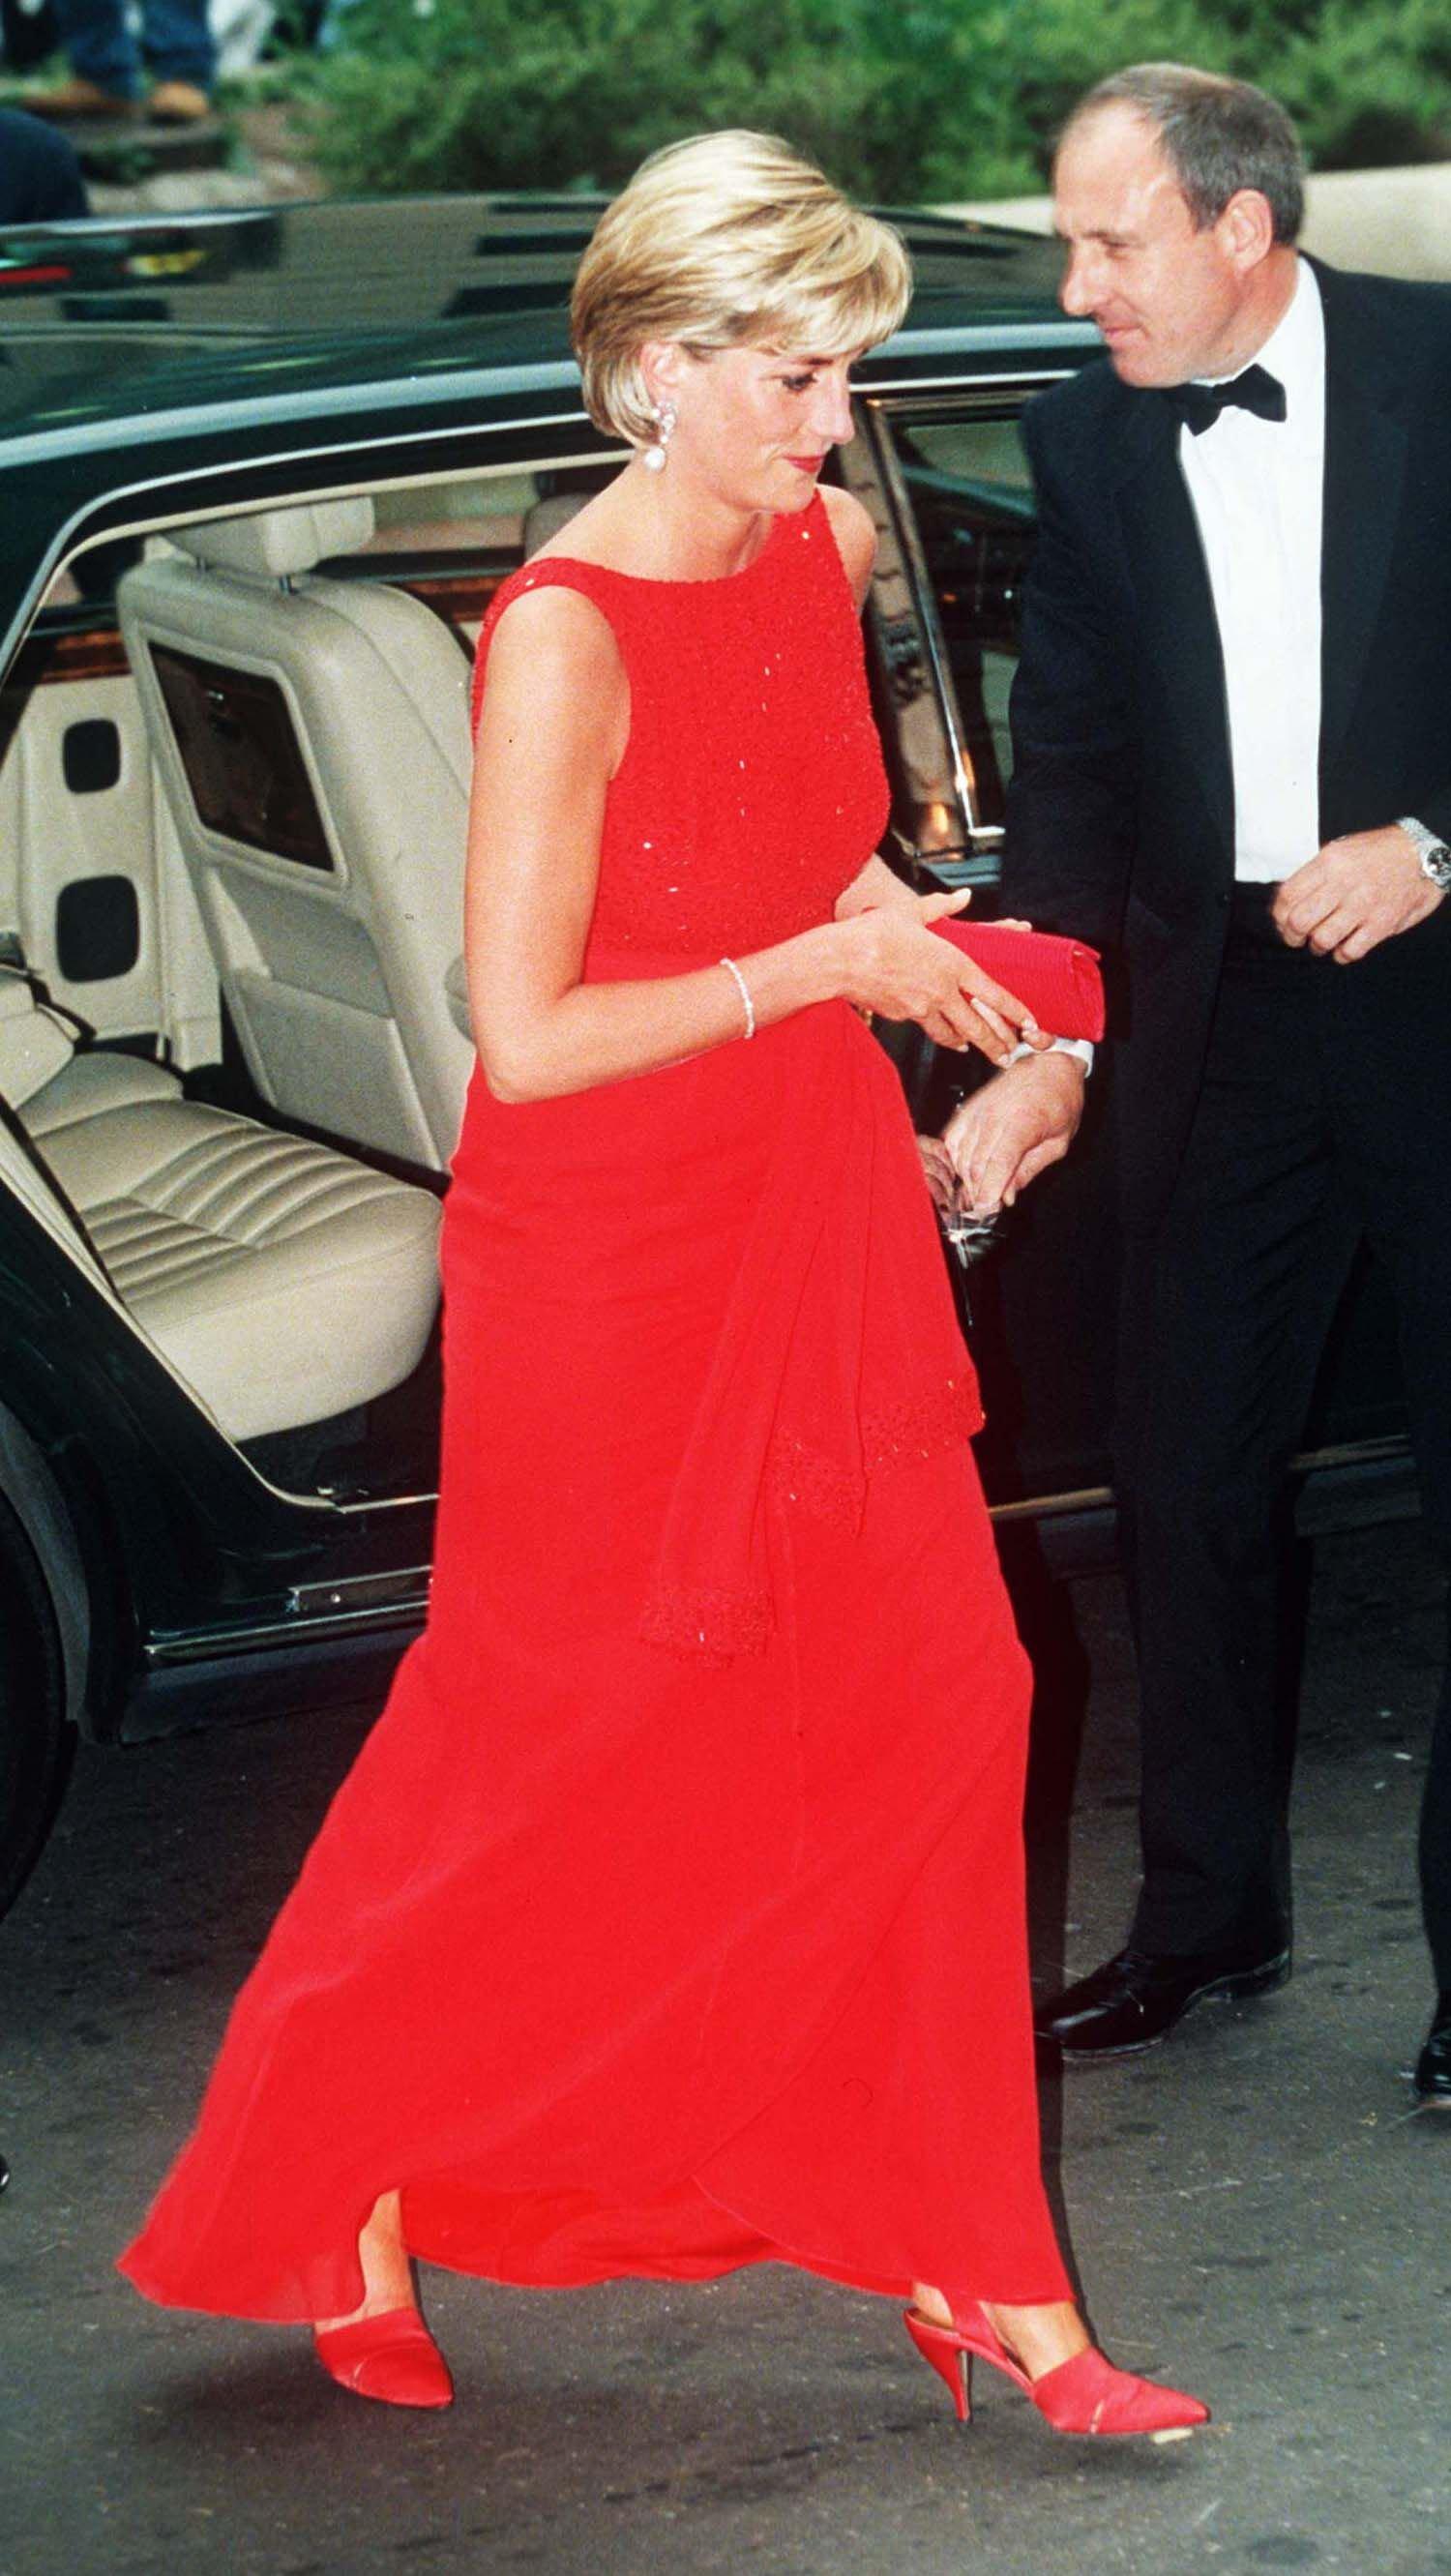 La Princesse Diana sortant d'une voiture. l Source: Getty Images